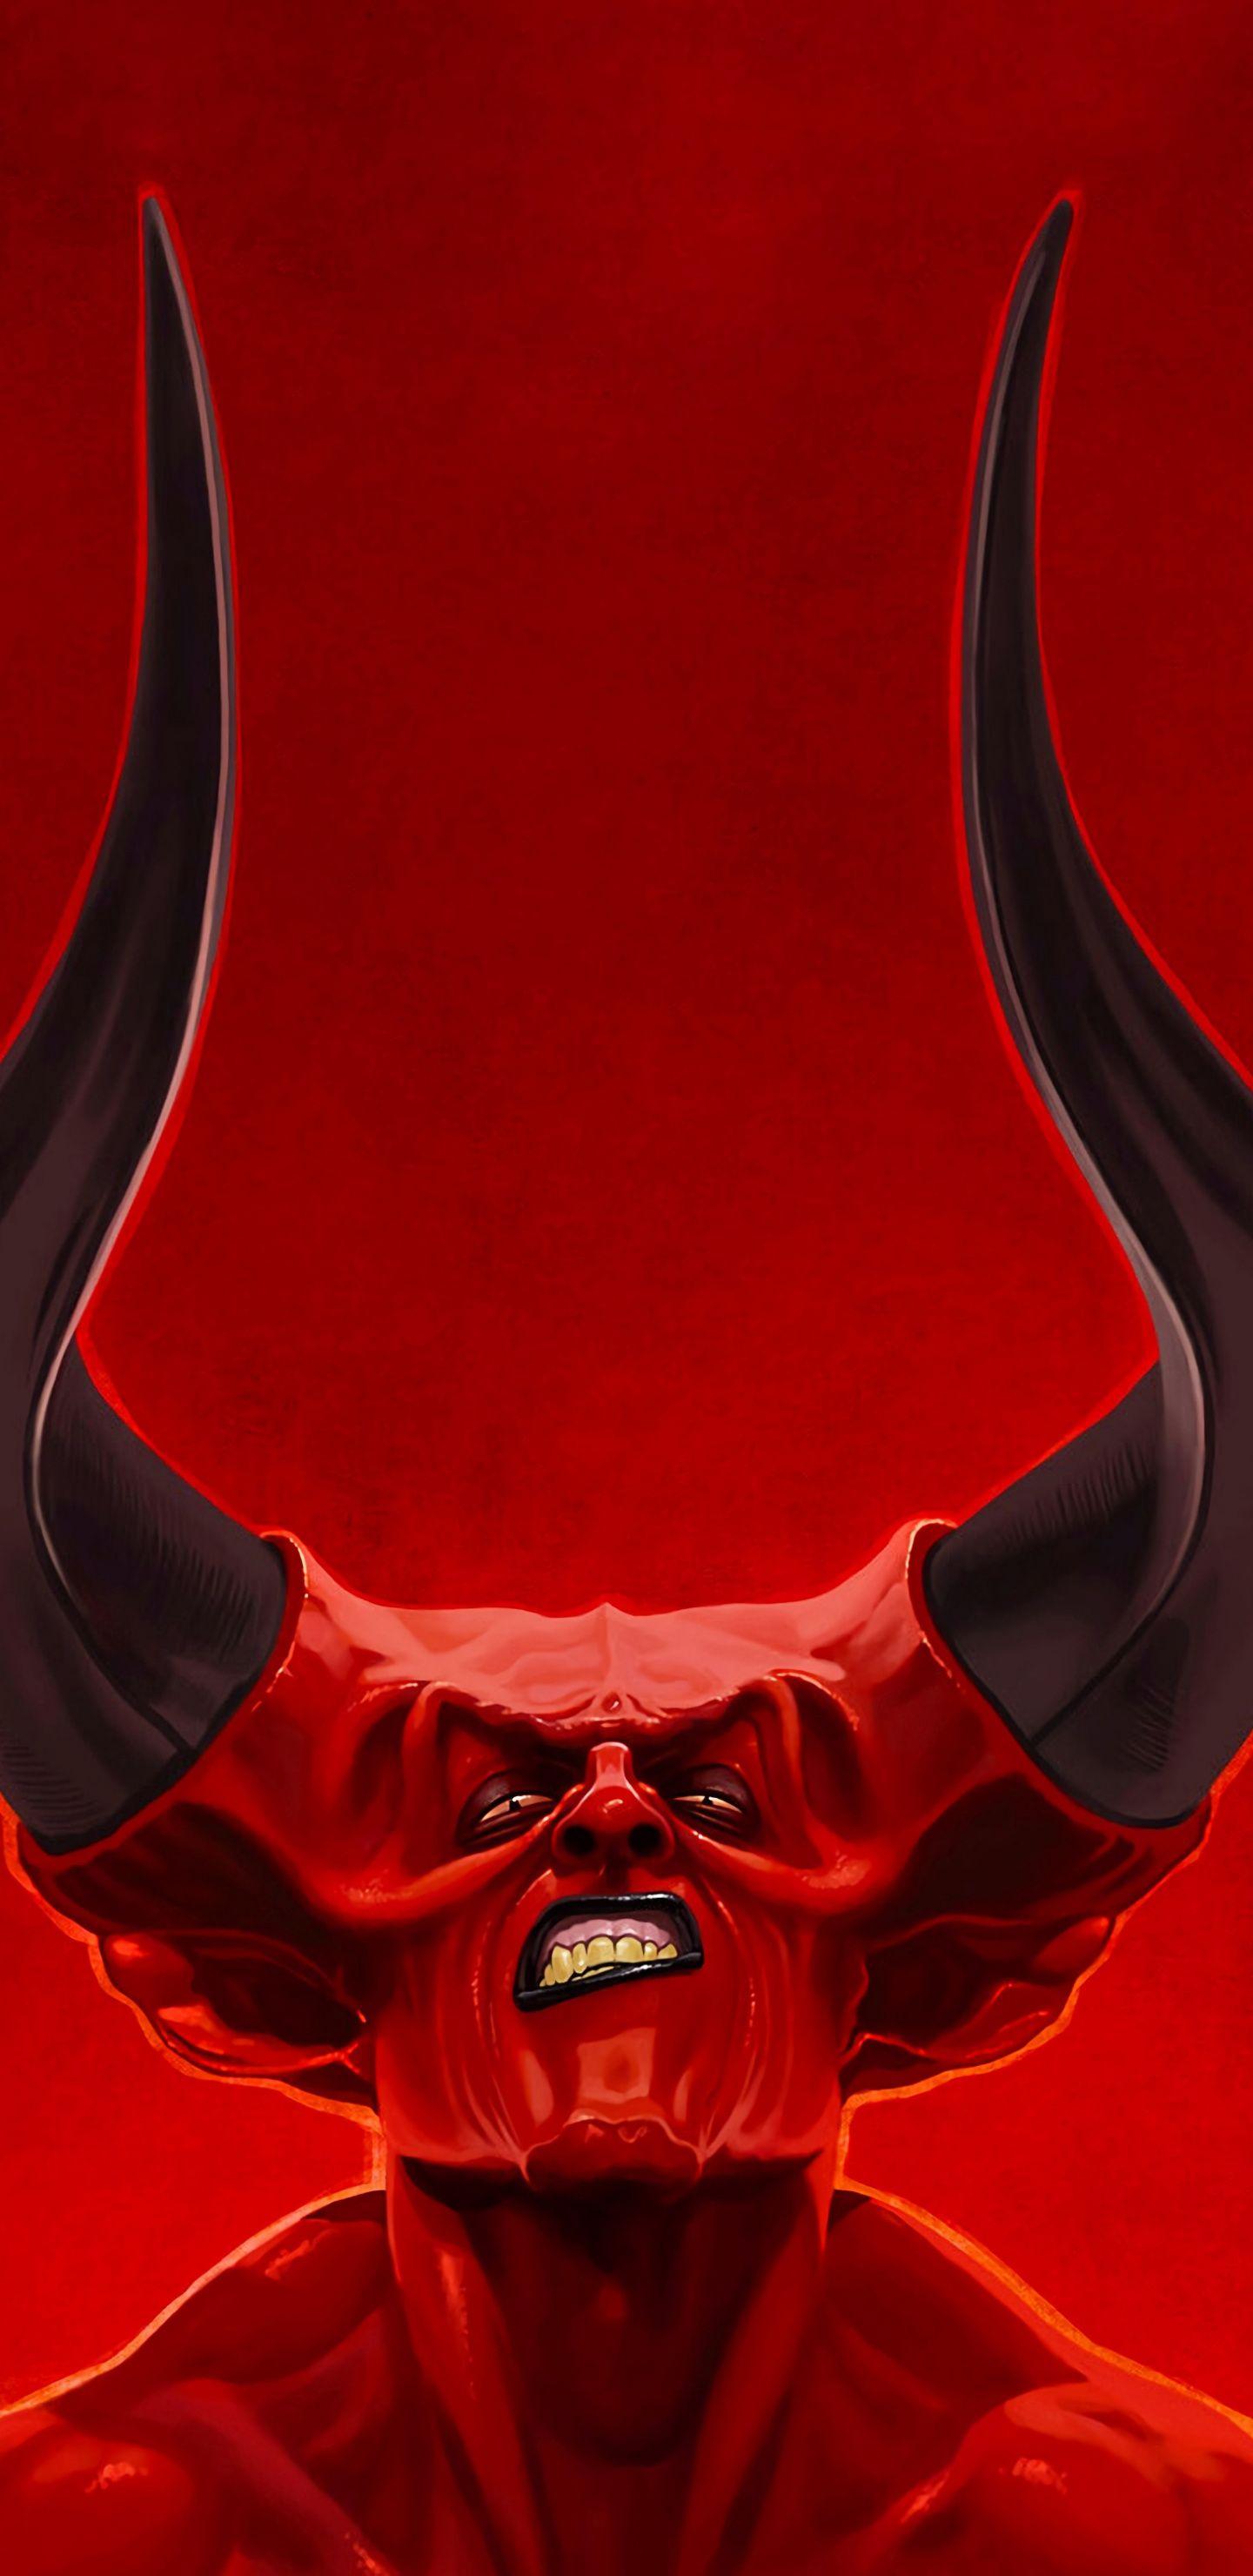 1440x2960 Red Demon Big Sharp Horns Fantasy Art Wallpaper Demon Joker Wallpapers Wallpaper Devil hd wallpaper for mobile